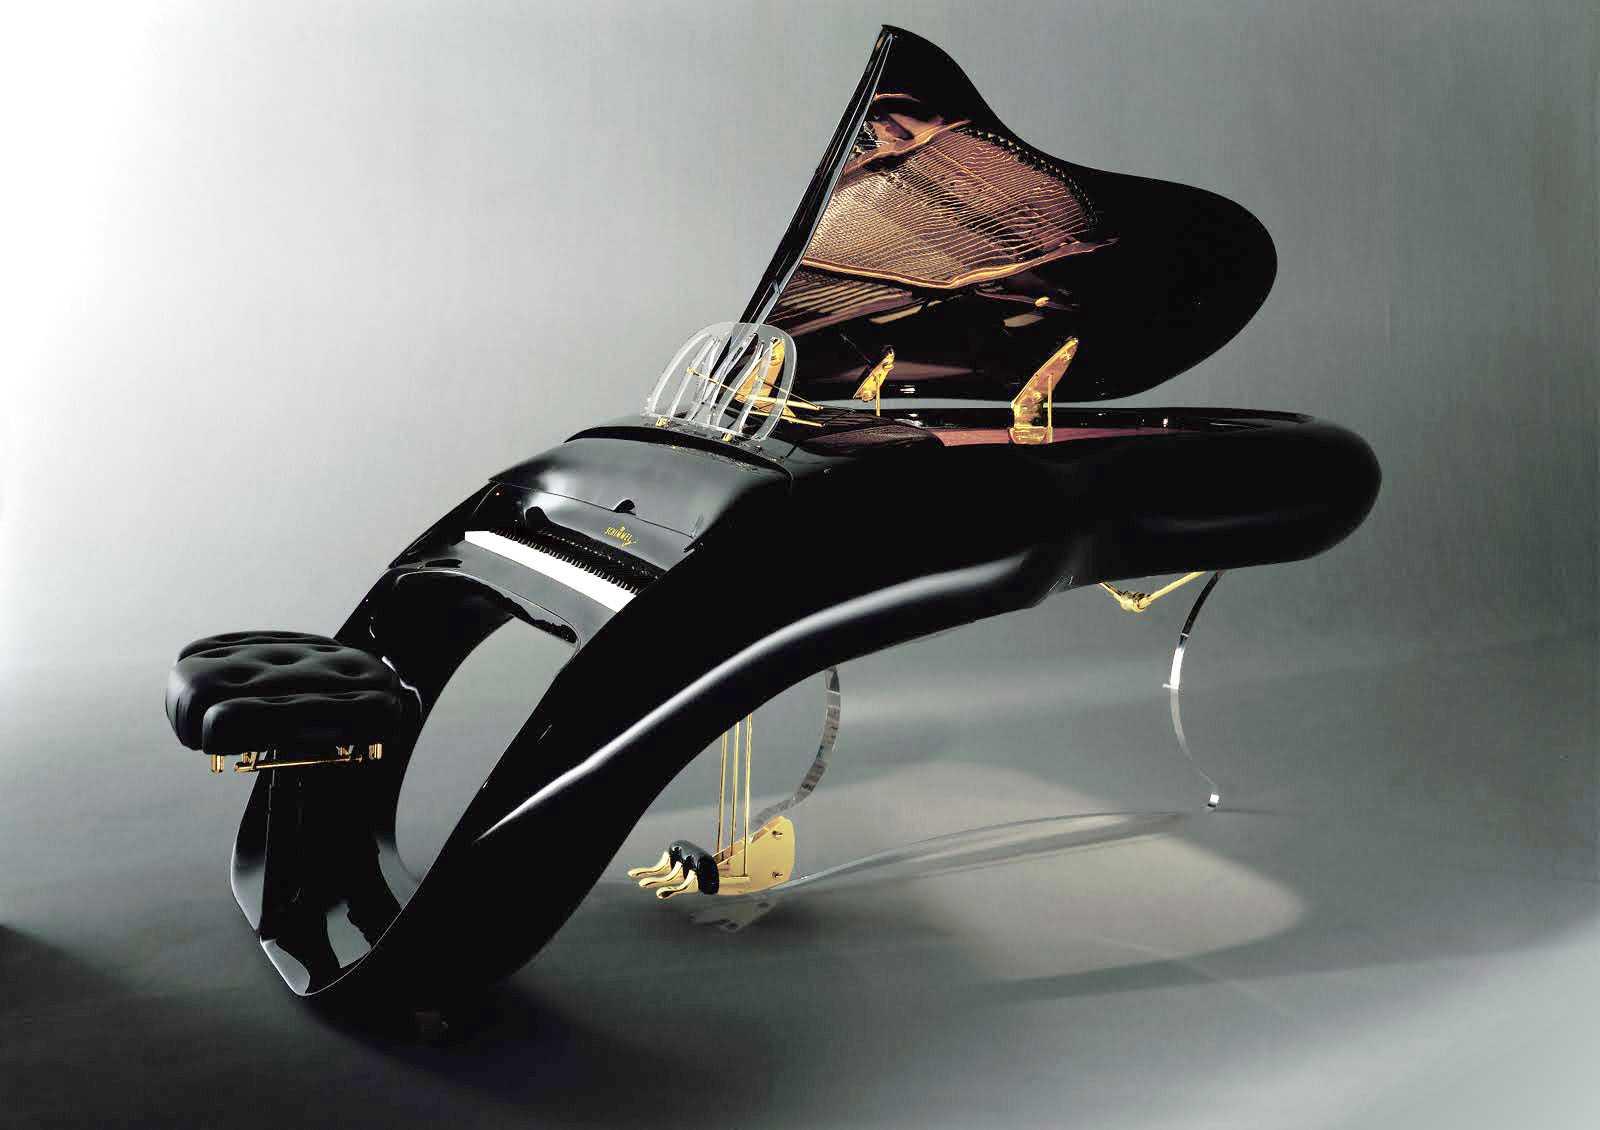 【画像】美しすぎるグランドピアノ「PEGASUS」が凄い